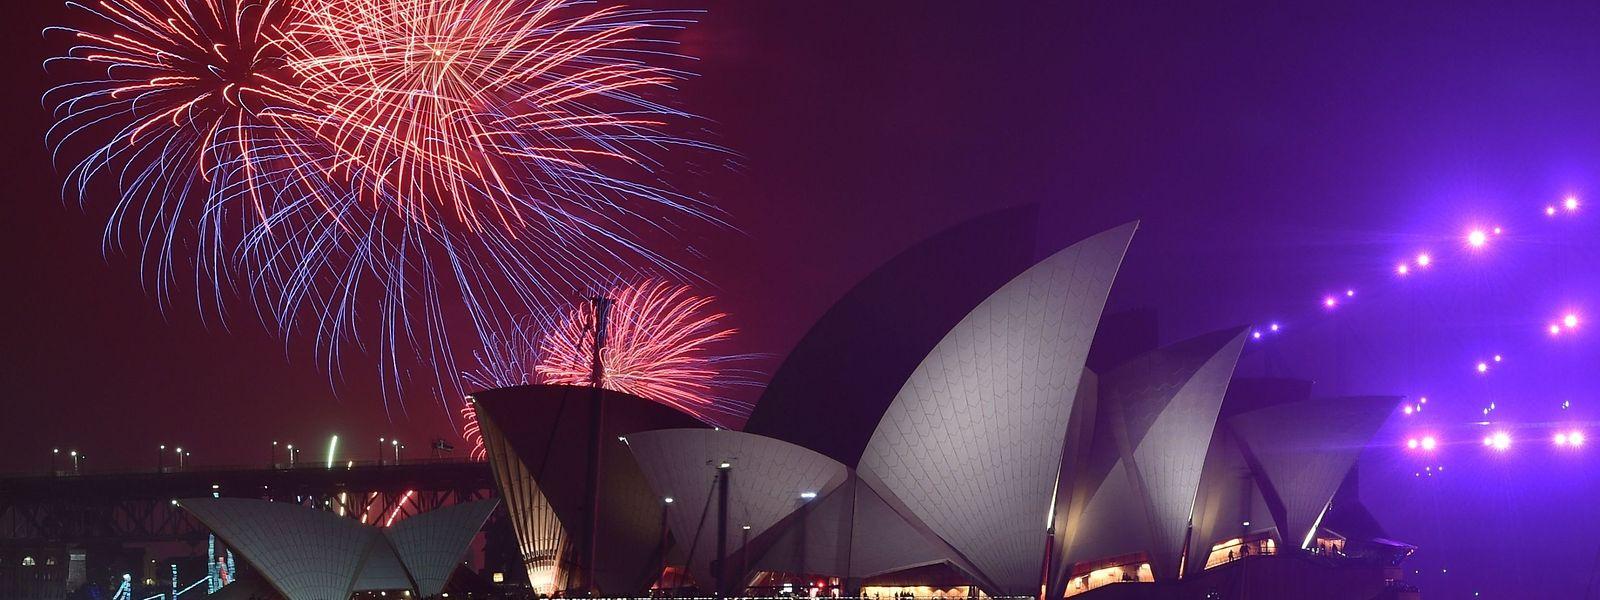 L'emblématique feu d'artifice tiré depuis l'Opéra de Sydney a soulevé la polémique cette année.